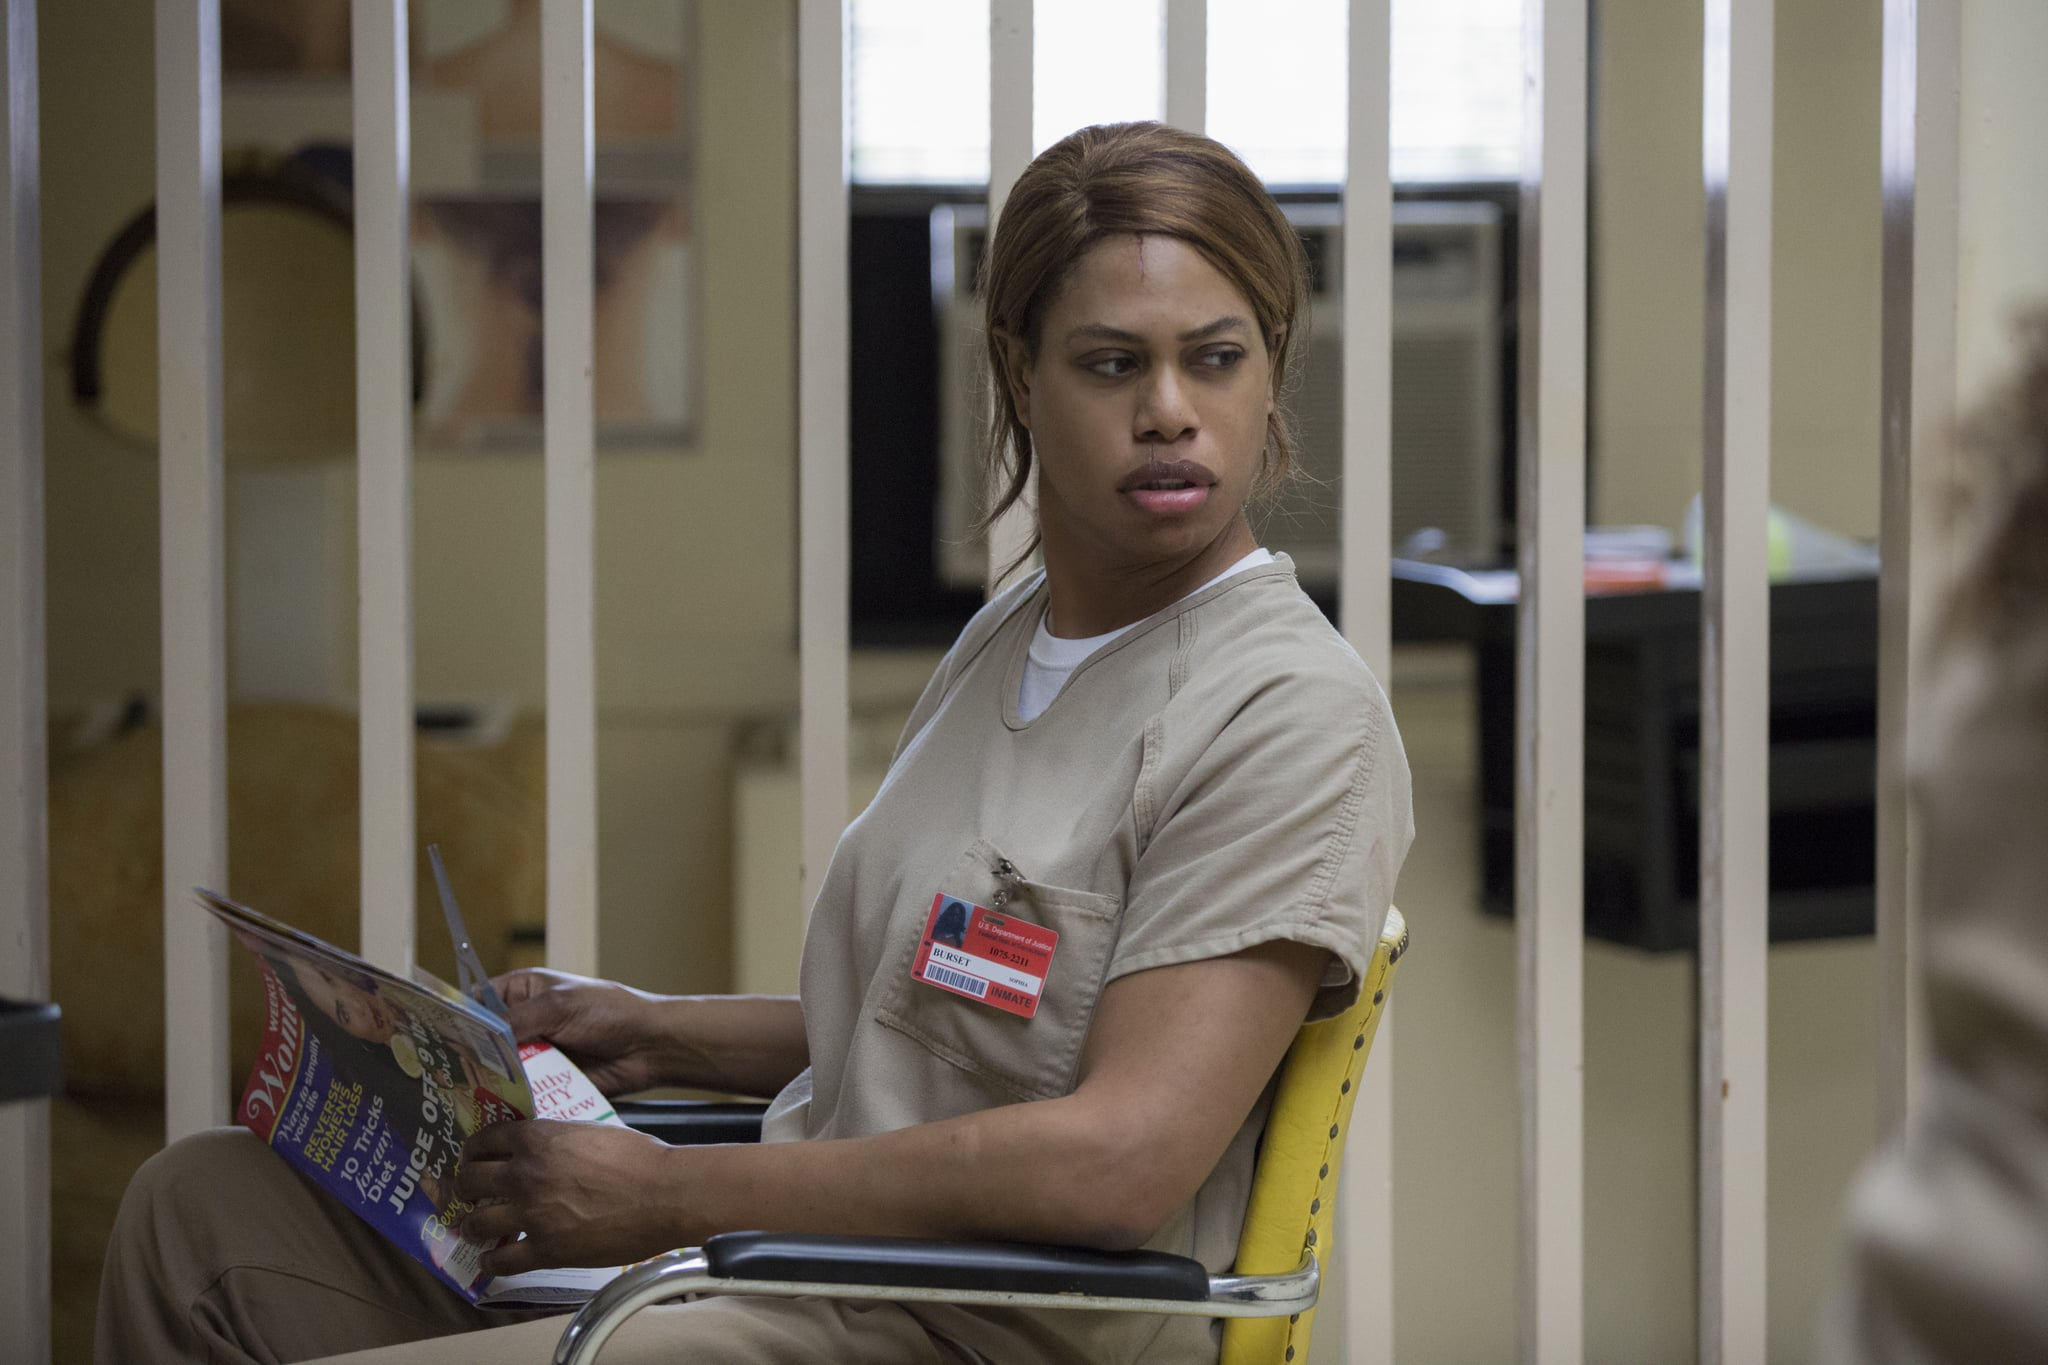 Cara Howe/Netflix